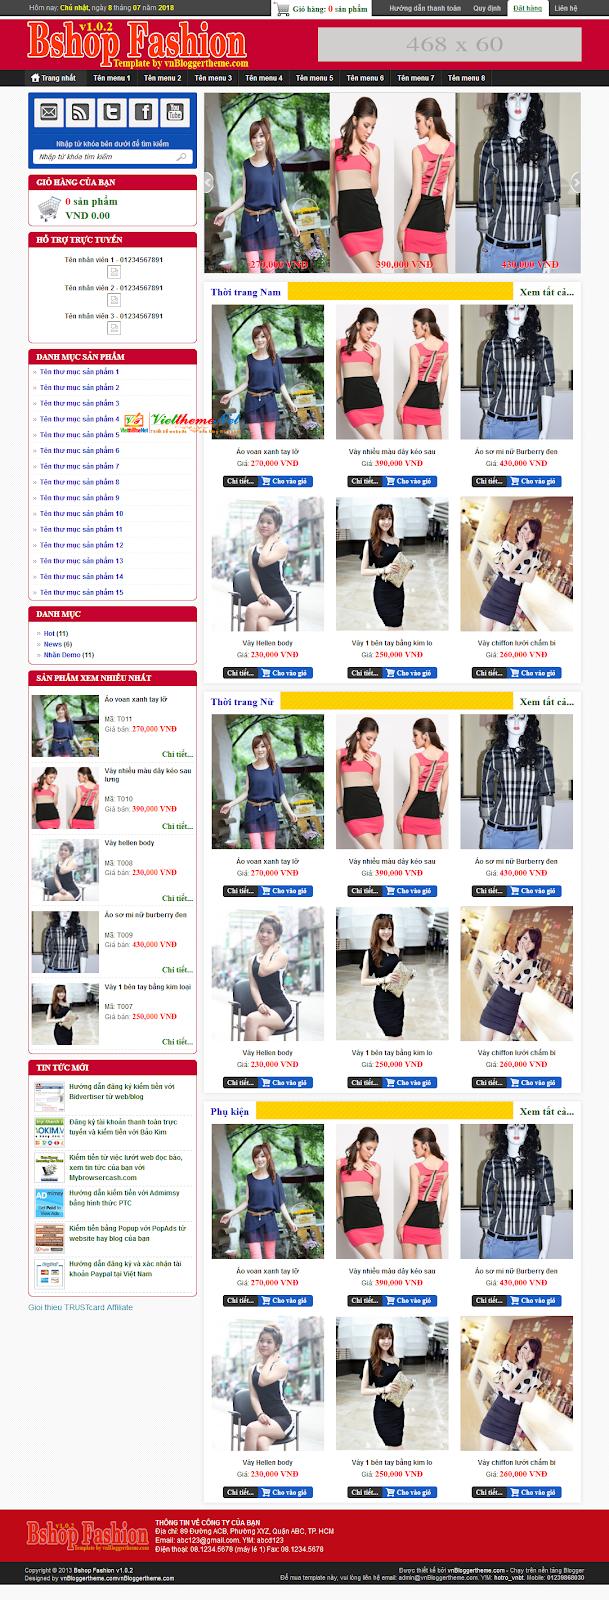 Bshop Fashion - Giao diện bán hàng thời trang chuyên nghiệp